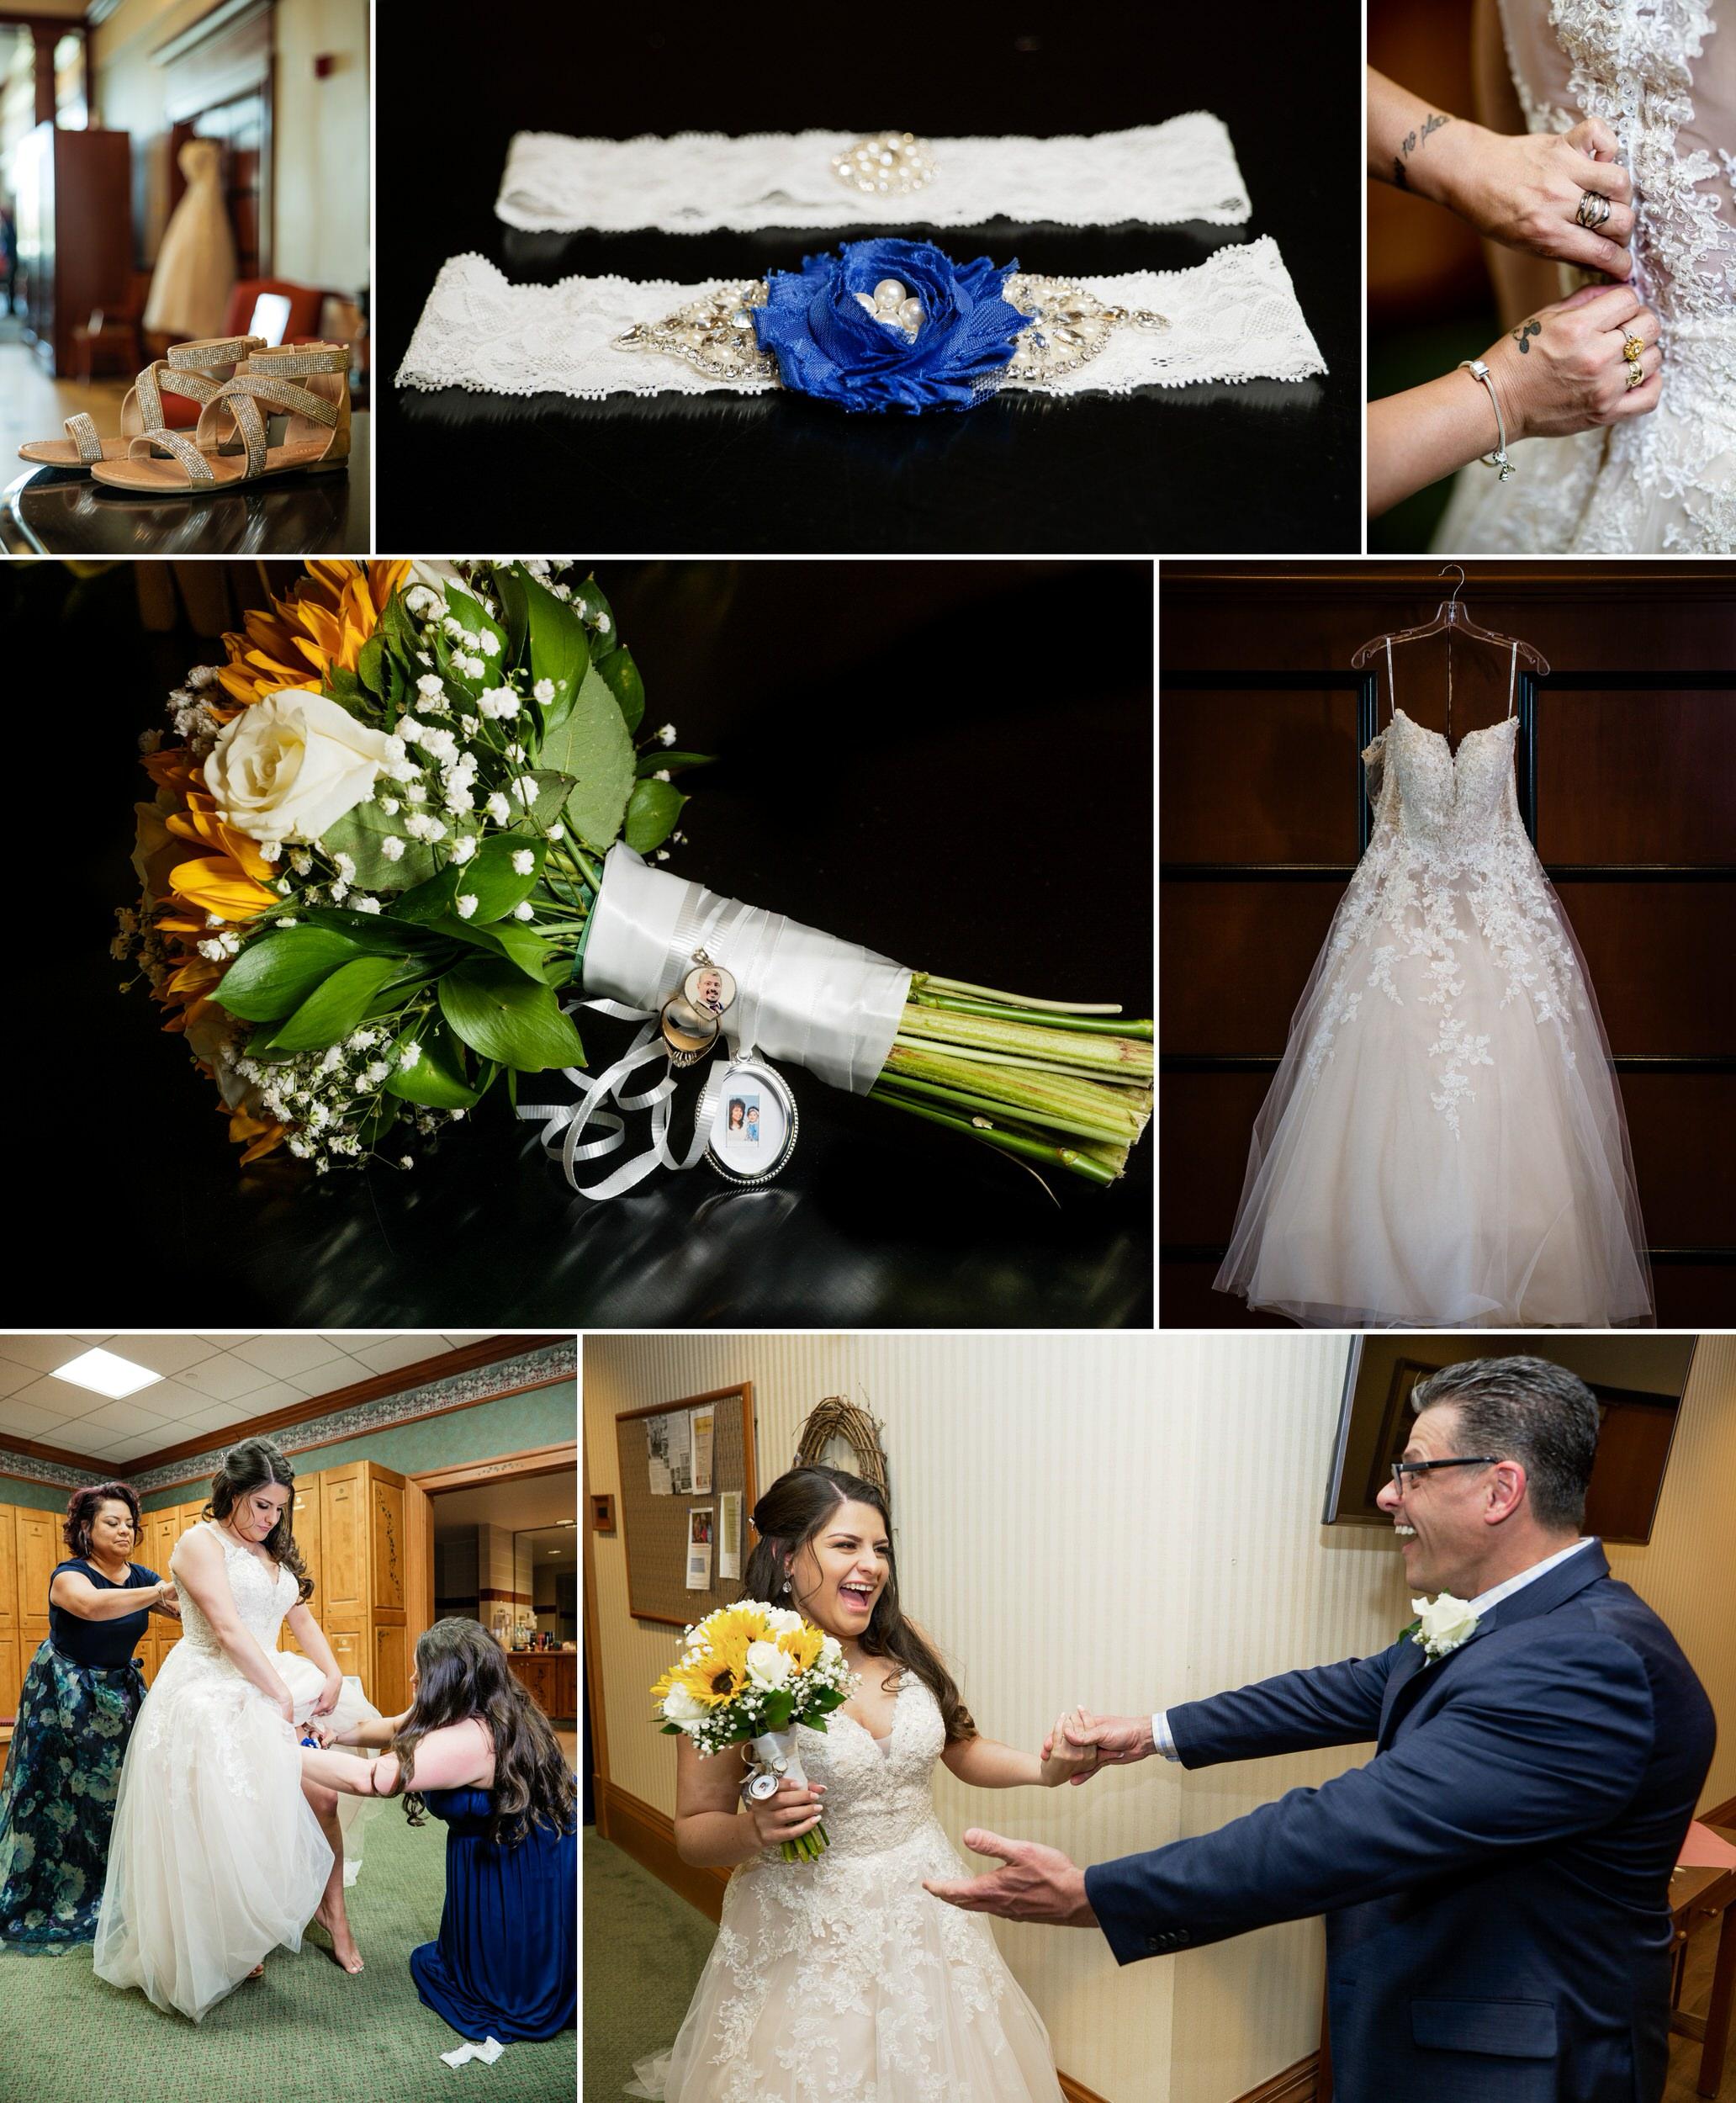 Bridal prep at a Spring wedding at Sand Creek Country Club.